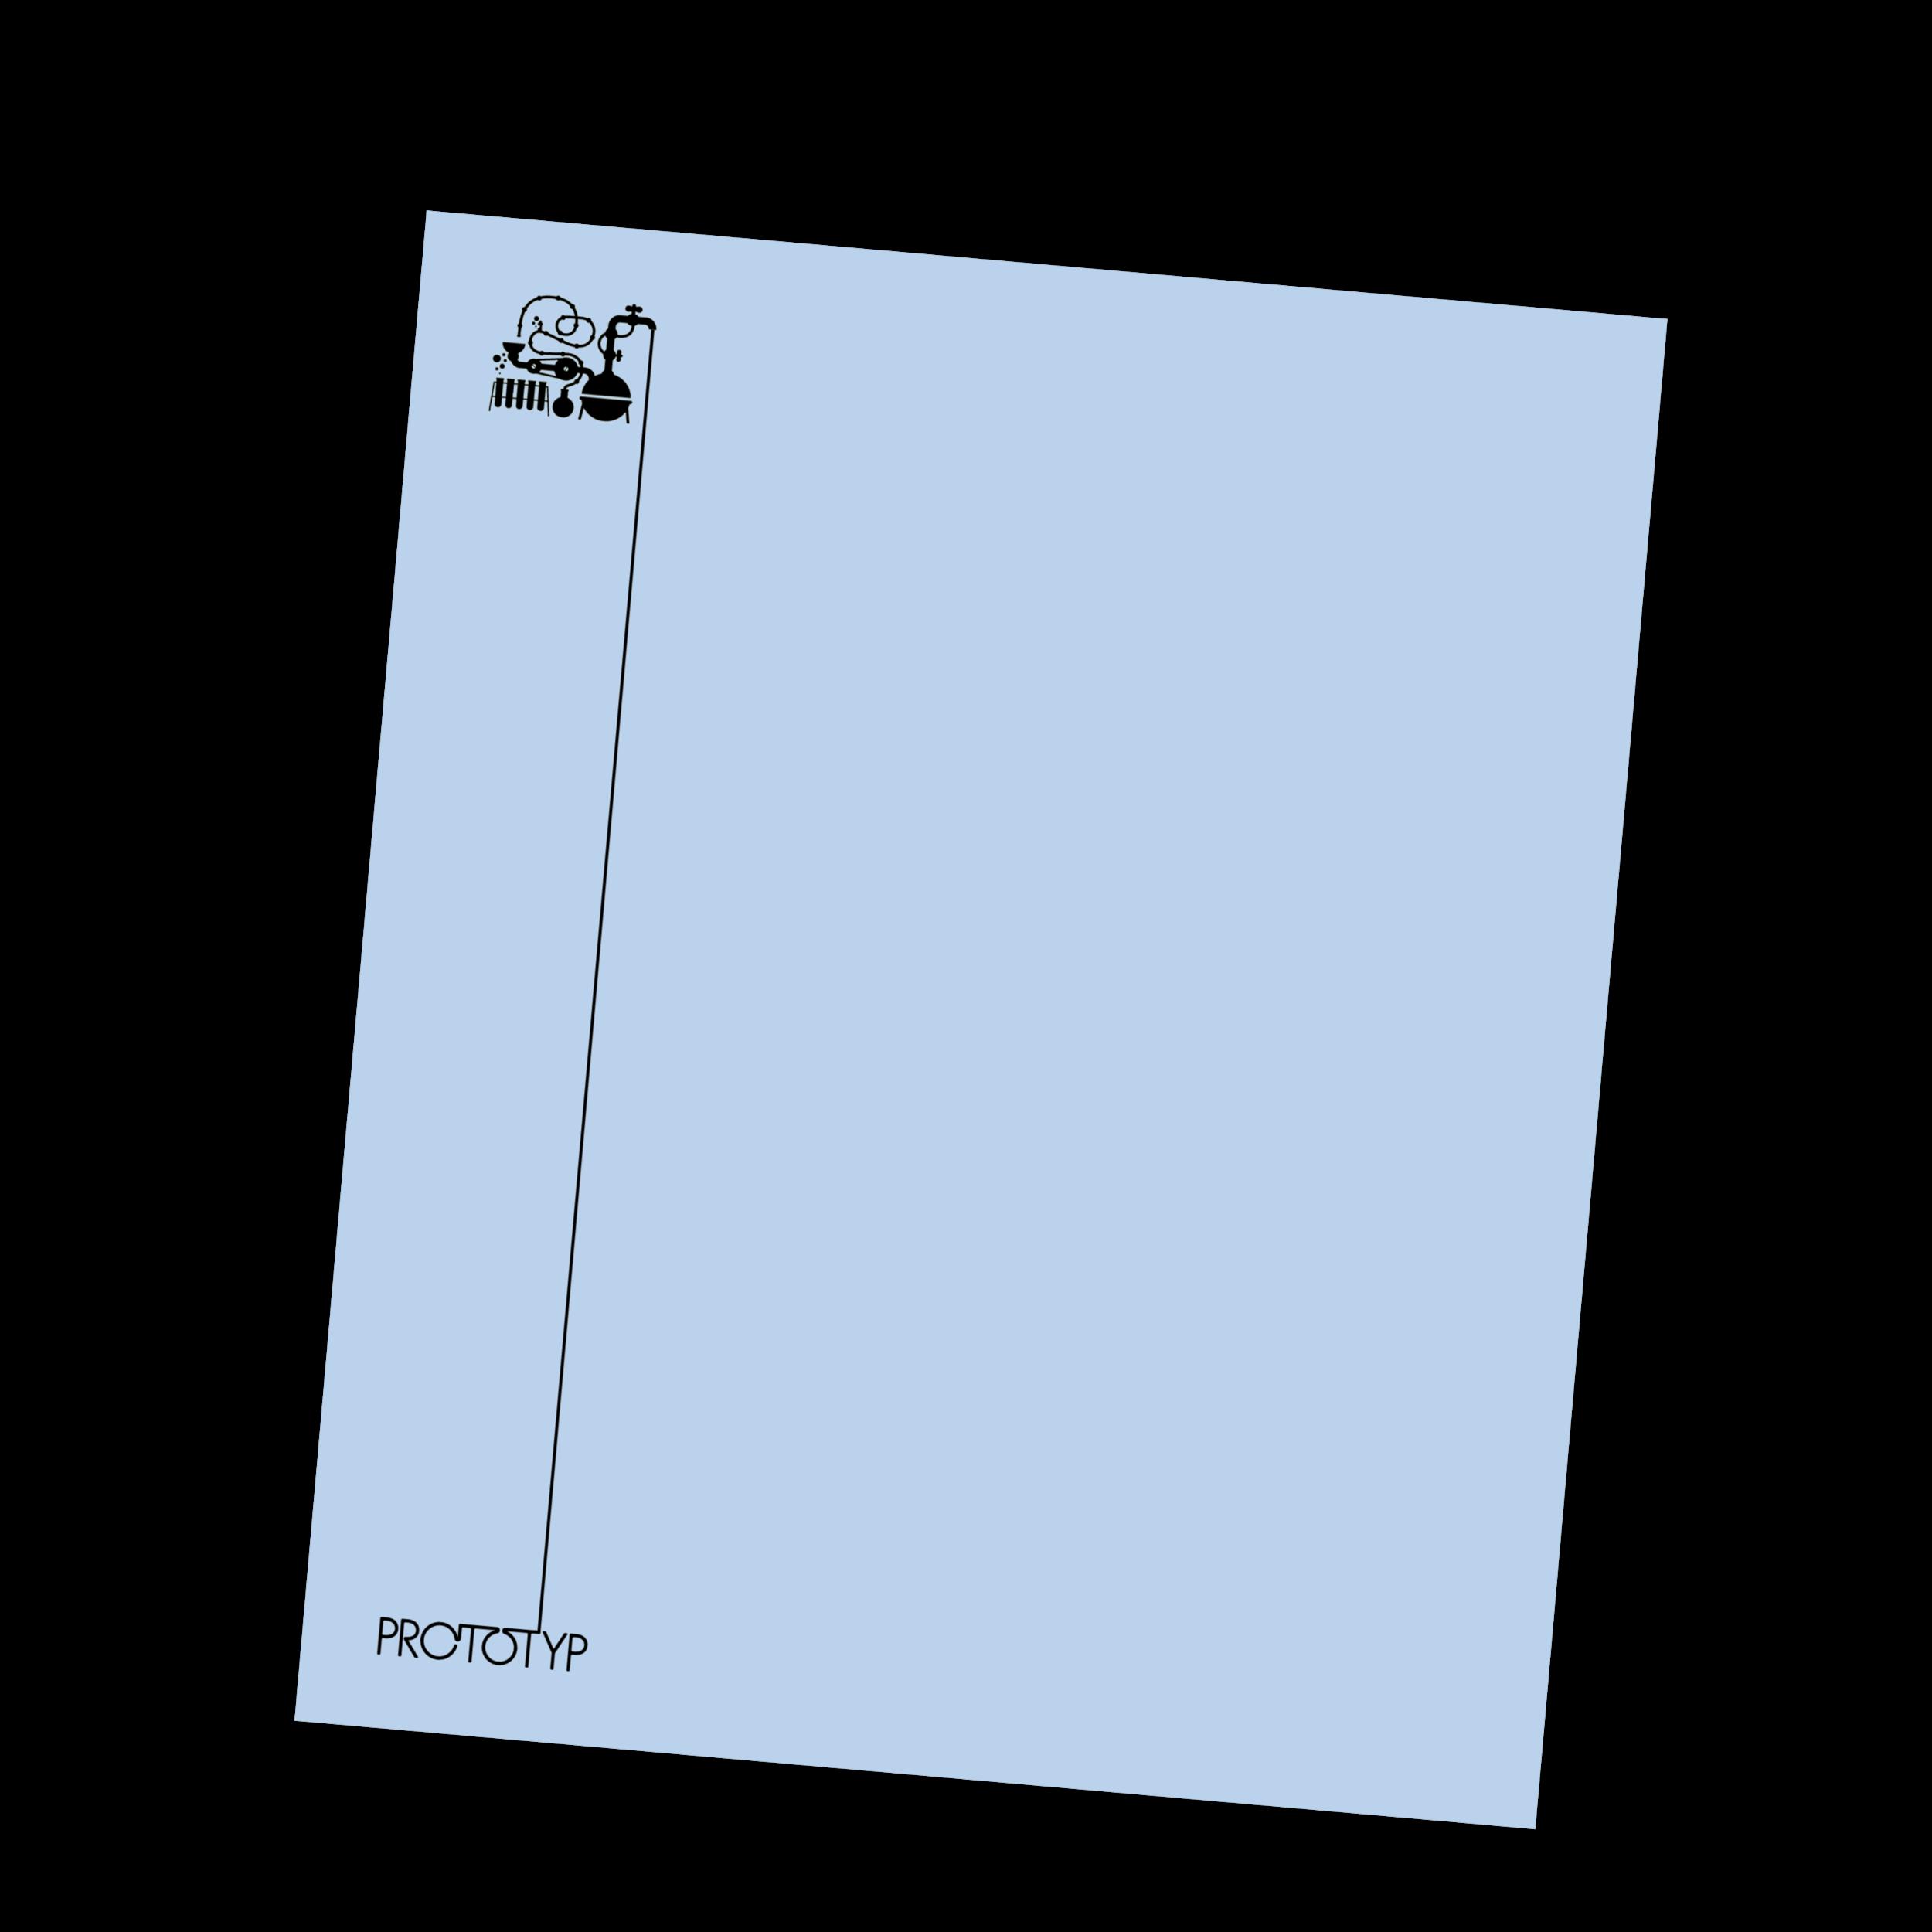 Prototyp - original - 2.png